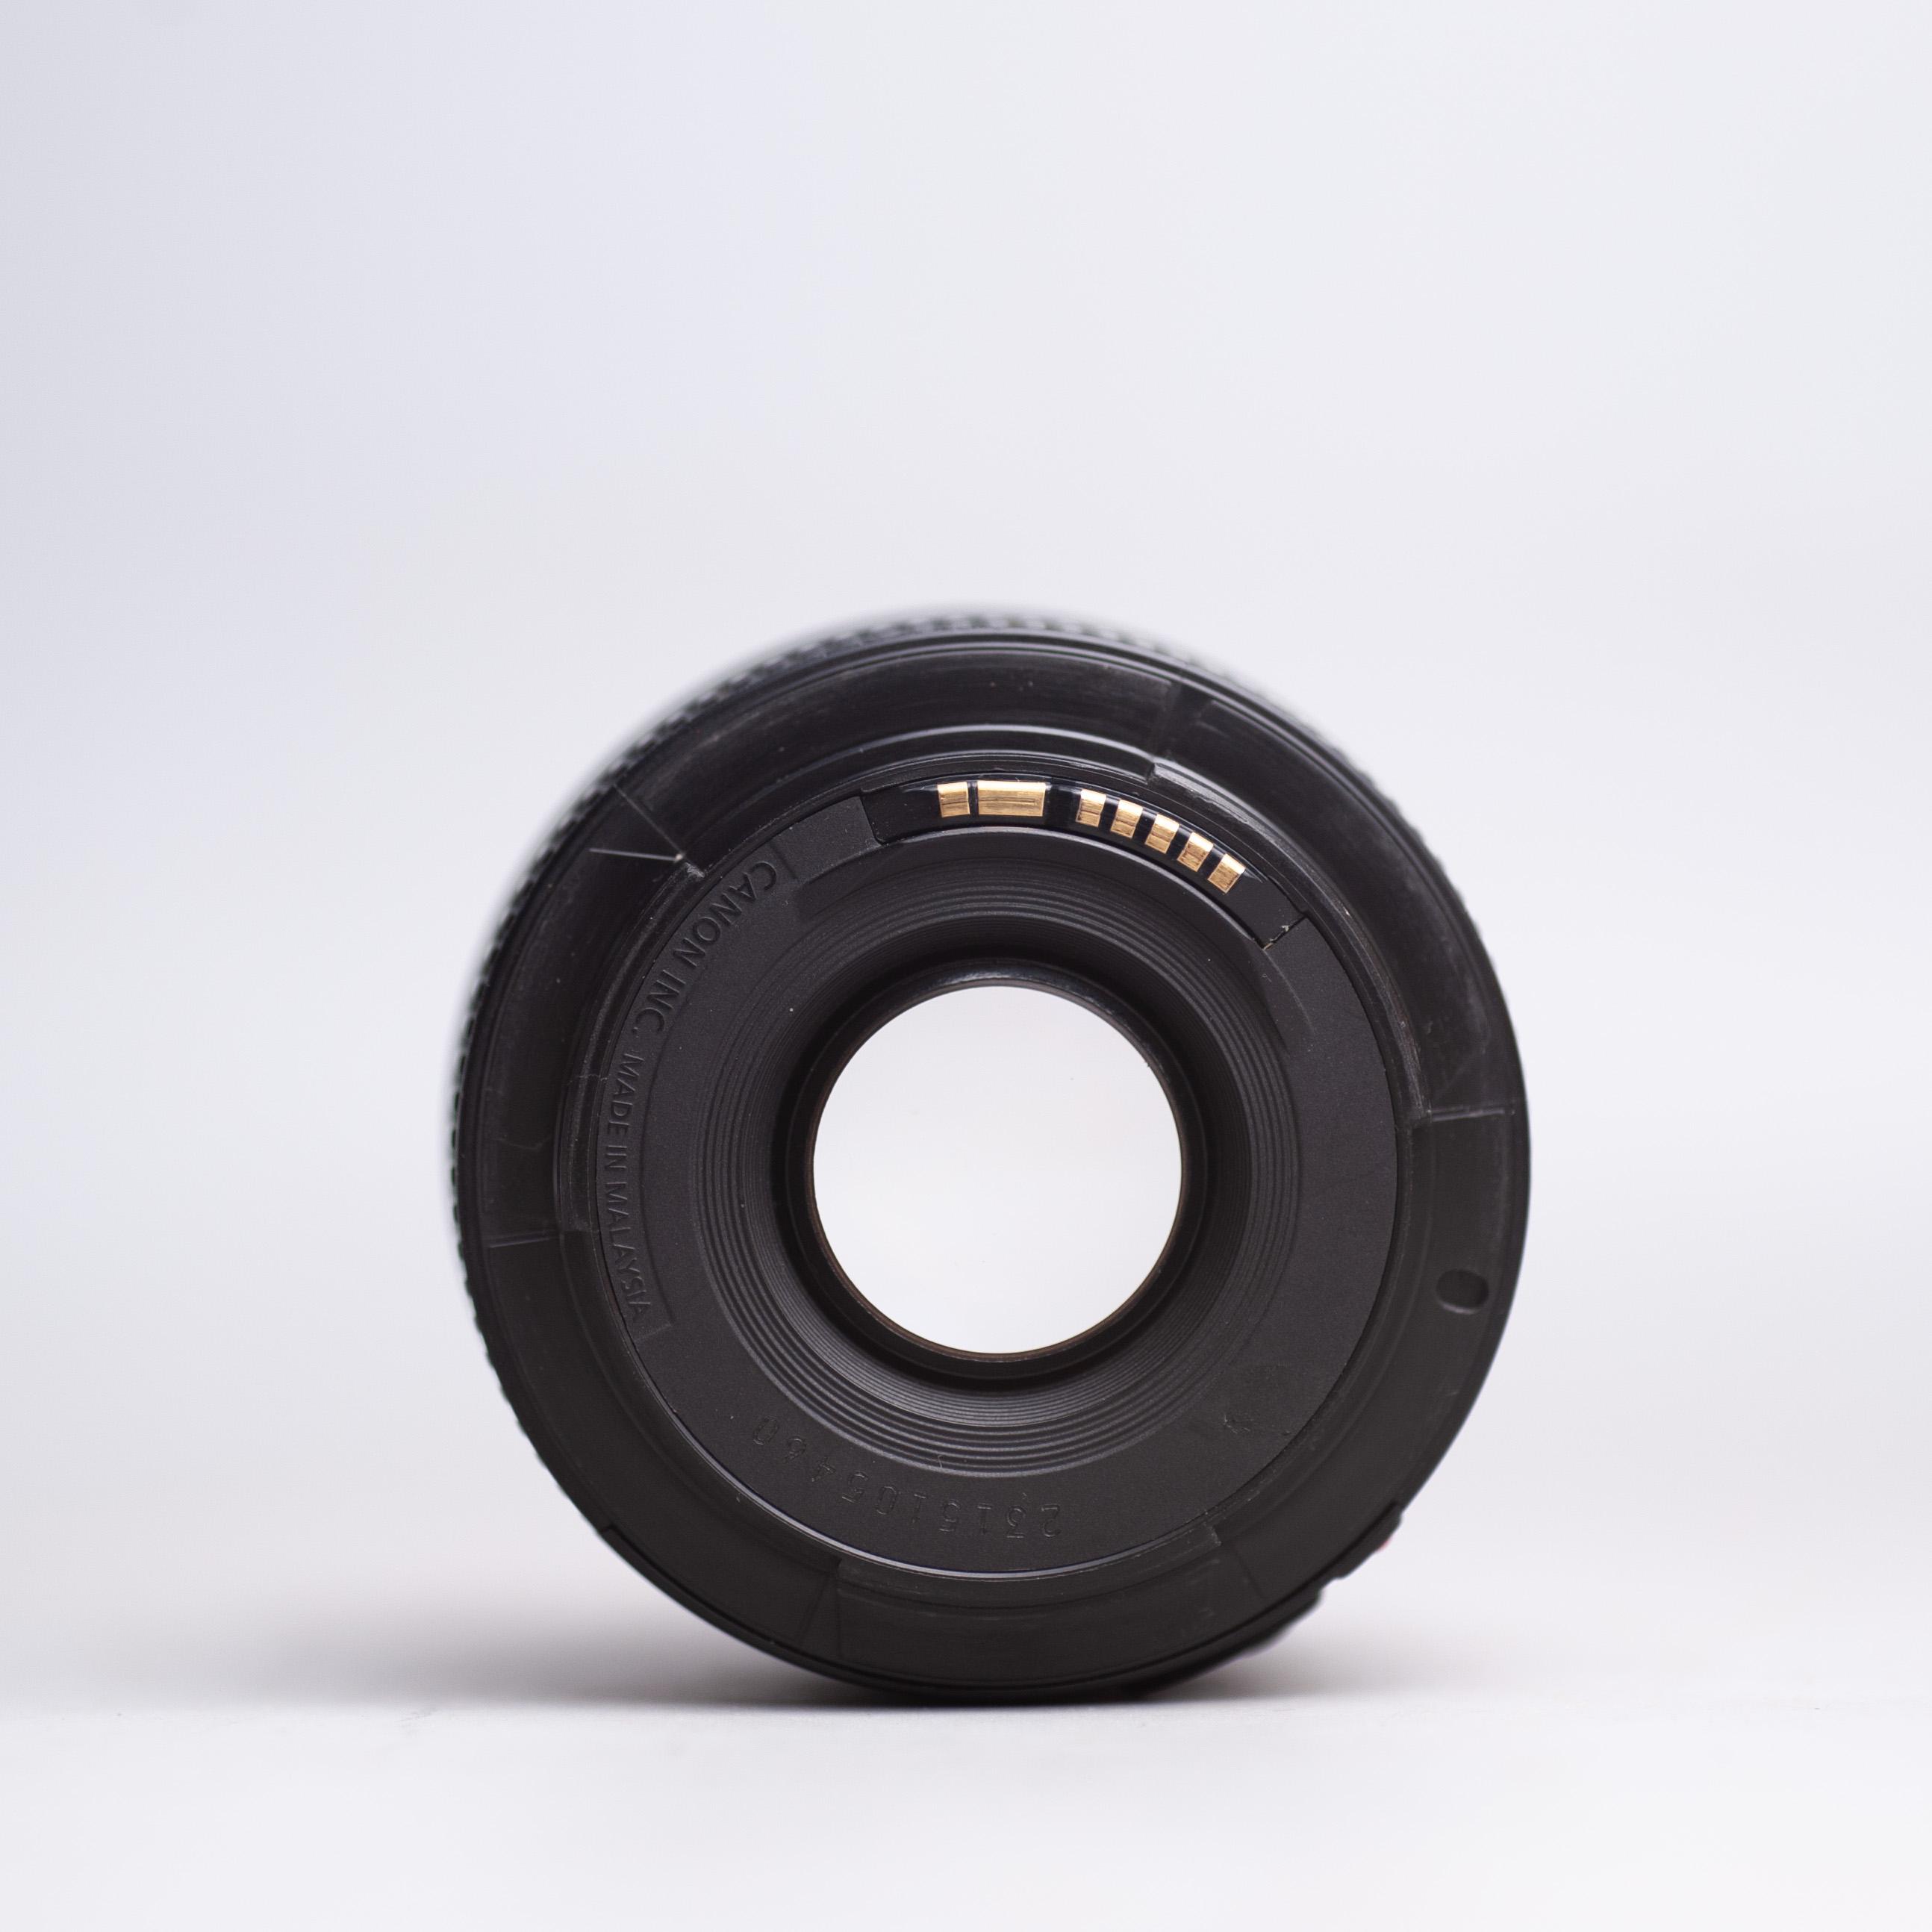 nikon-55mm-f2-8-mf-ais-macro-1-2-55-2-8-18038